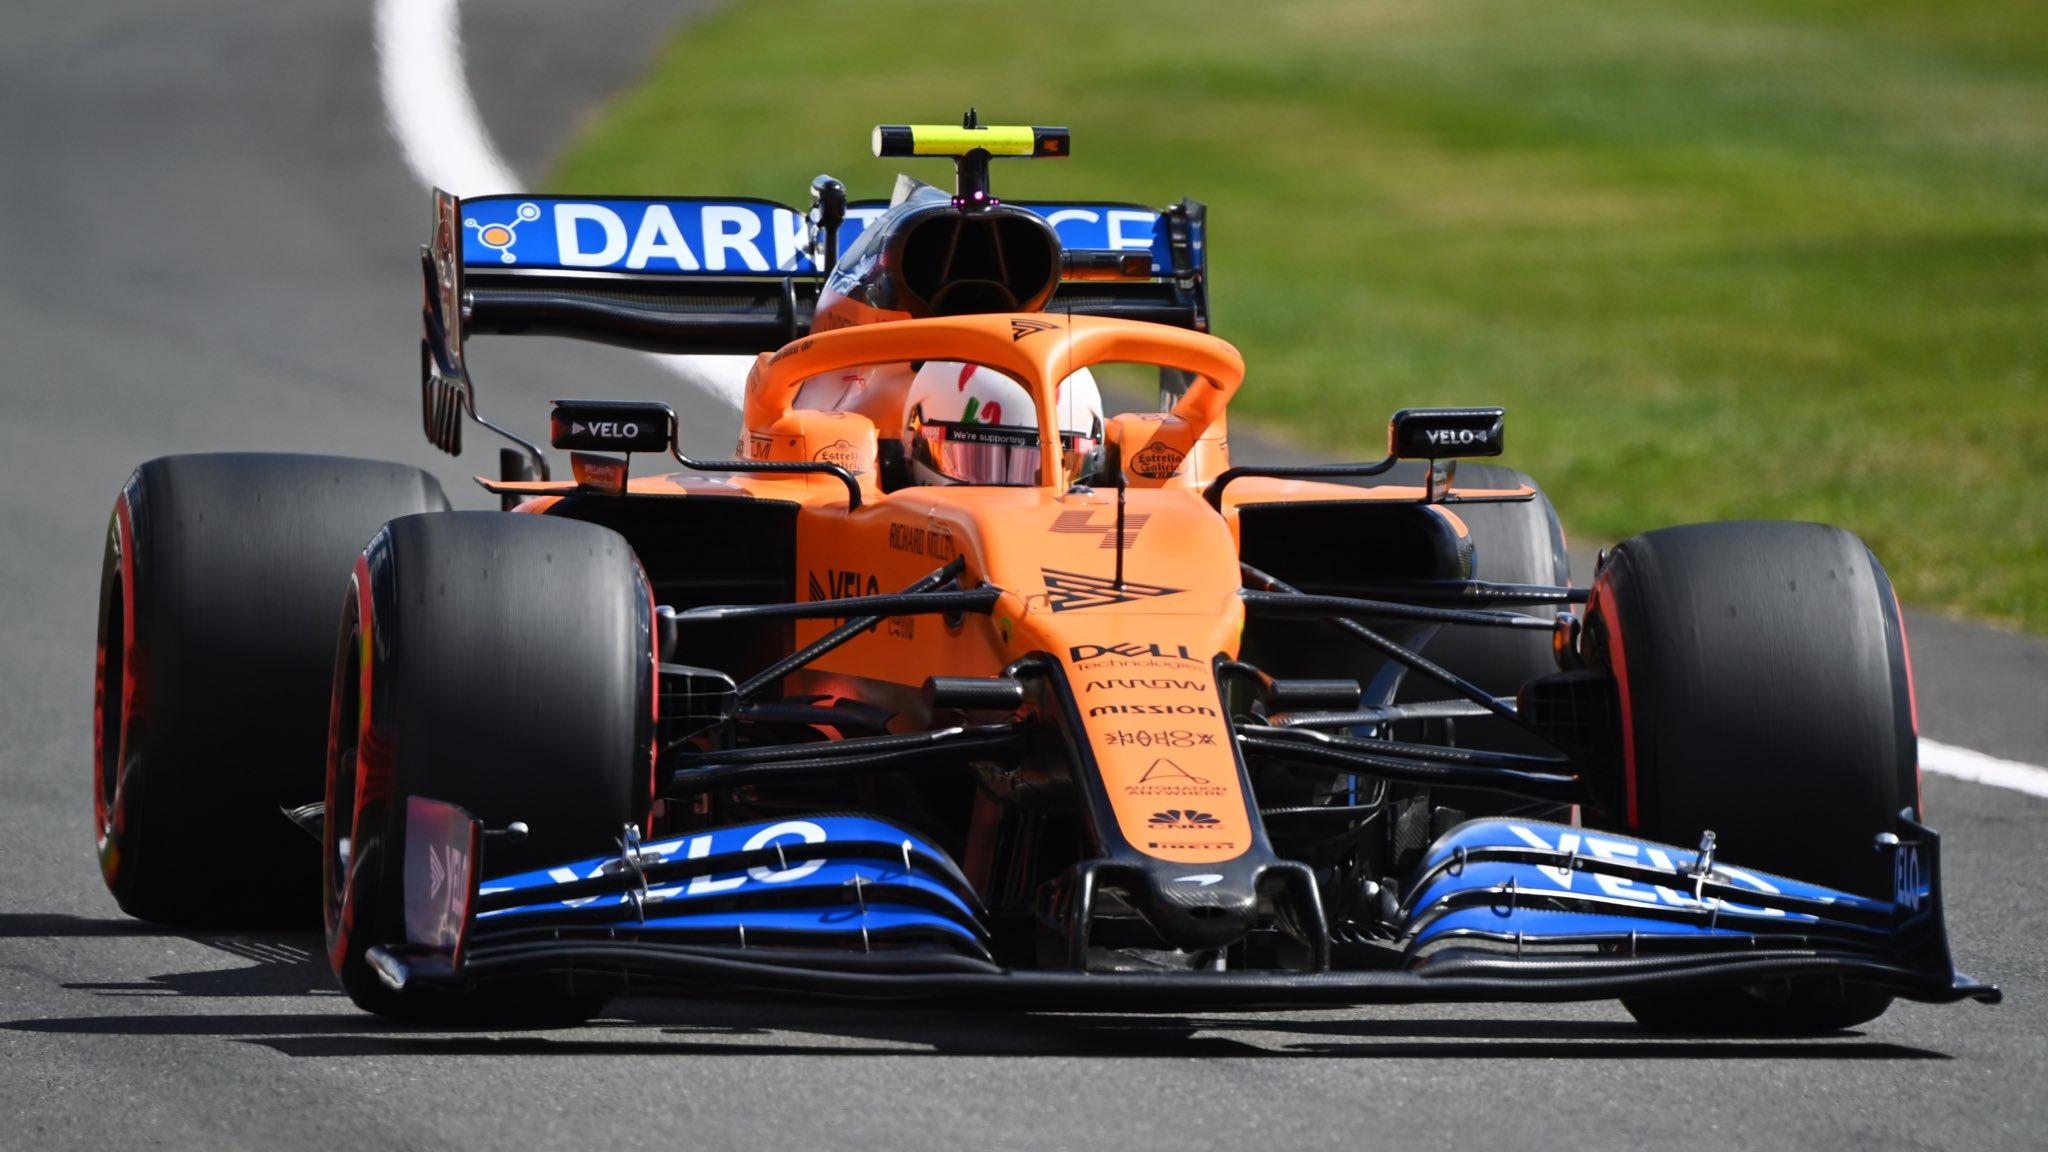 F1 - Malgré de gros points perdus à Silverstone, McLaren souligne son excellente fiabilité